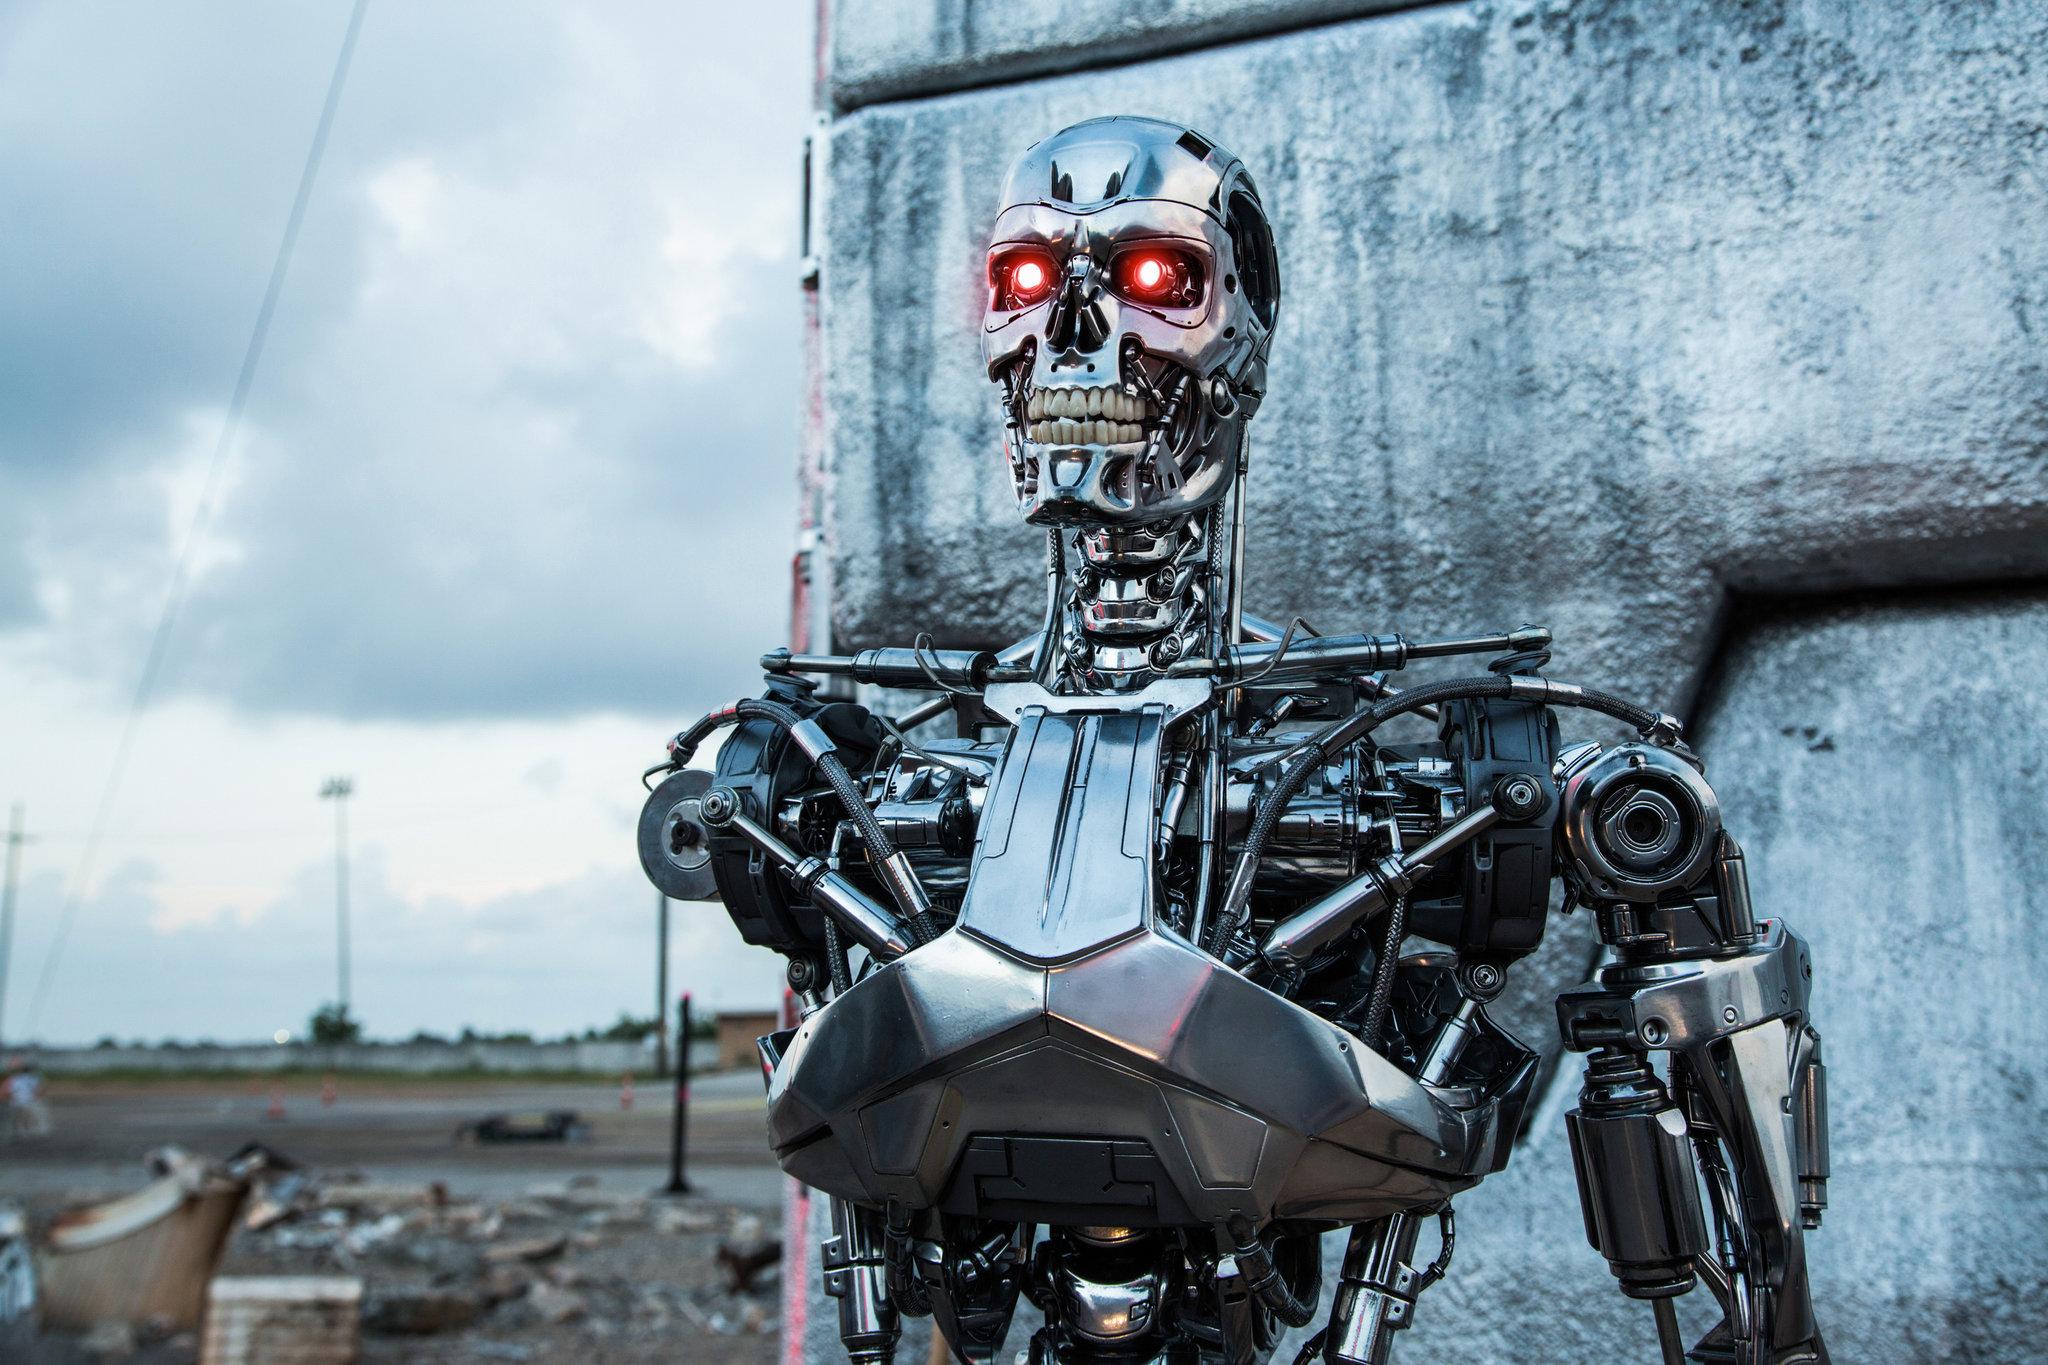 人工知能の発達が弊害に!?たくさんの専門家が警鐘を鳴らす「軍事ロボット」とは。